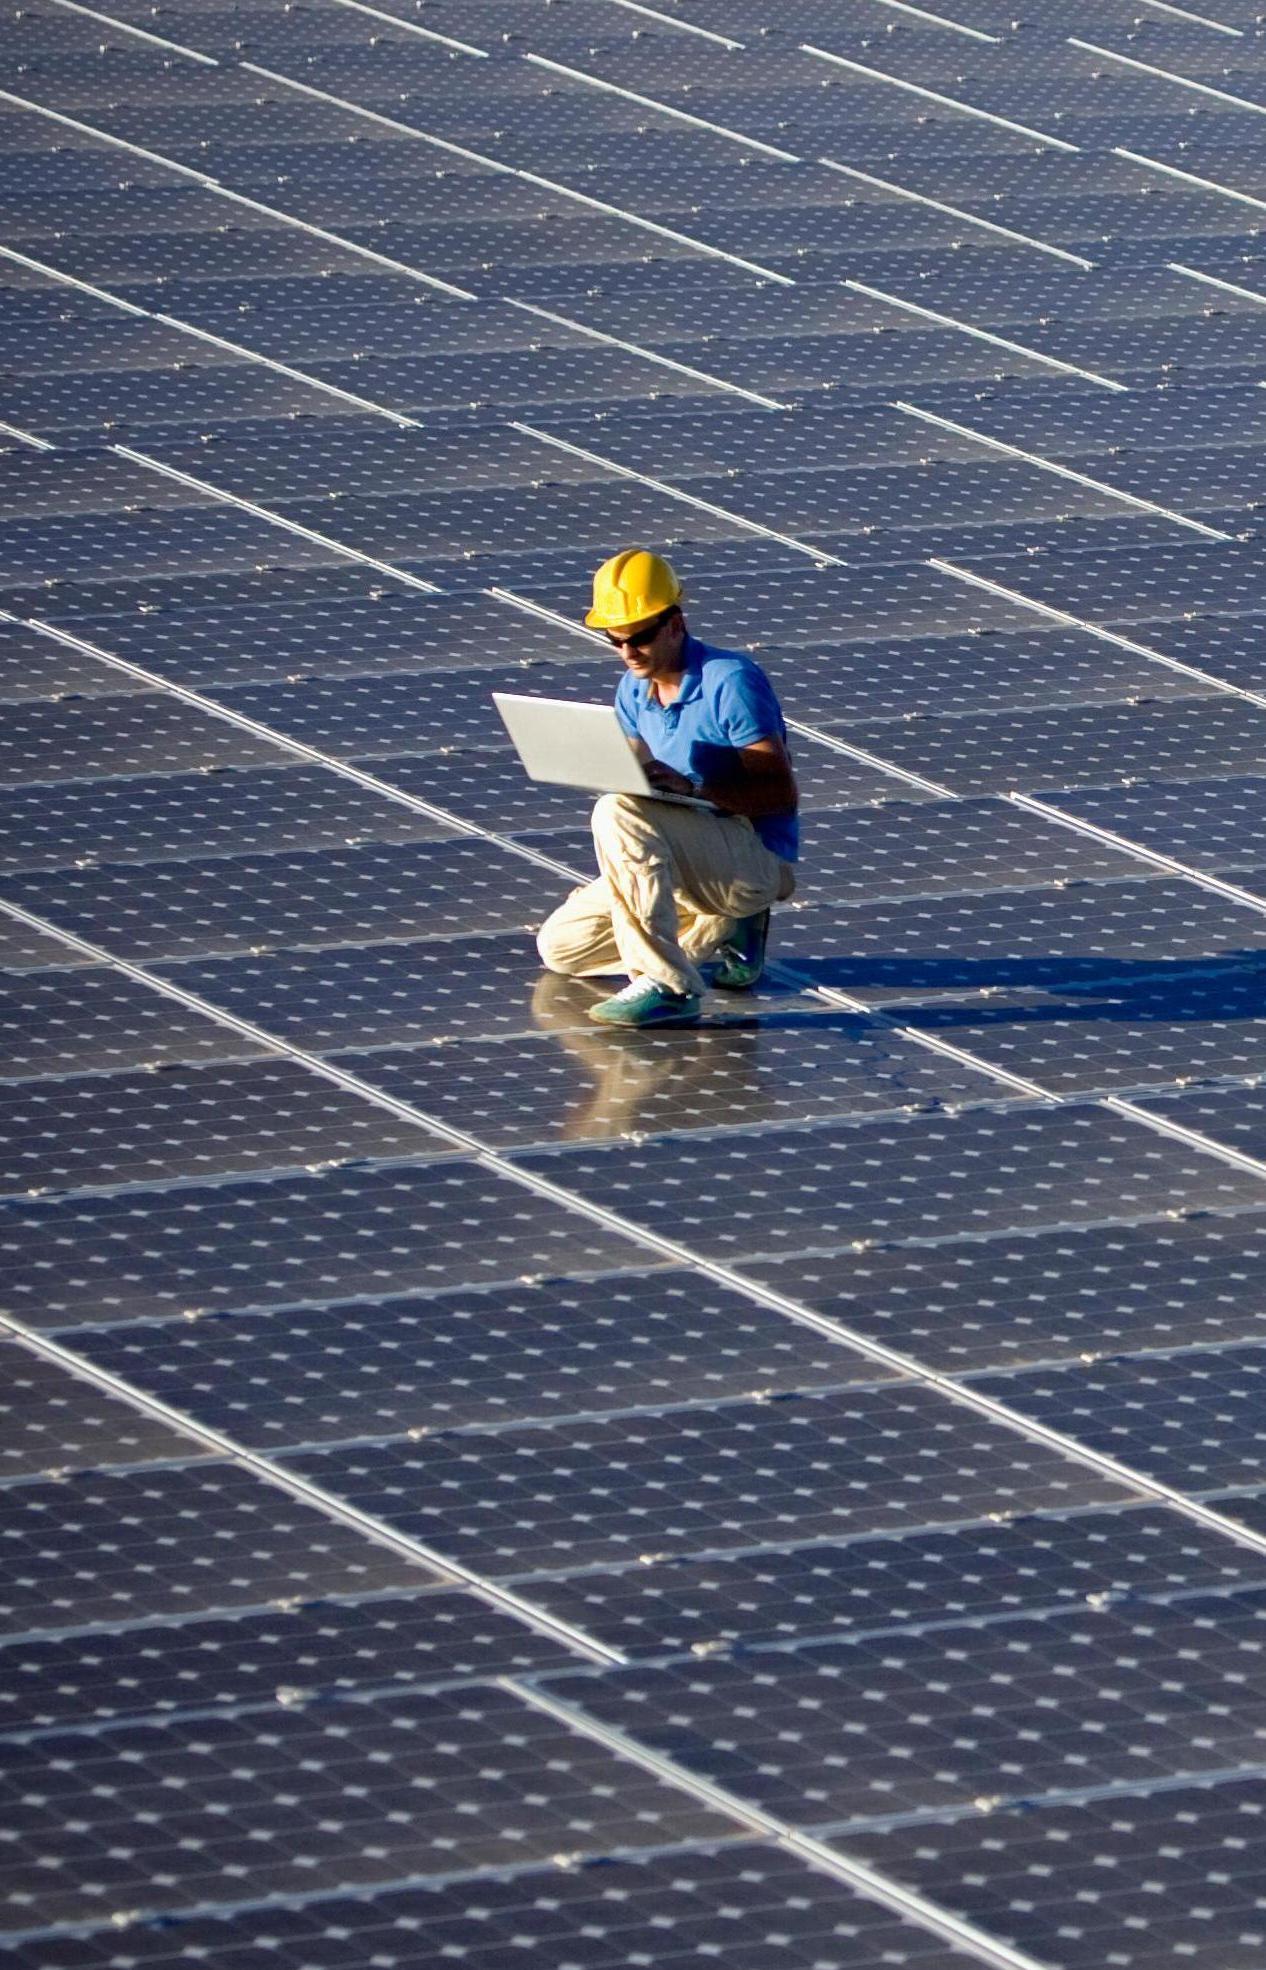 Самую большую в Европе солнечную электростанцию построили в Португалии